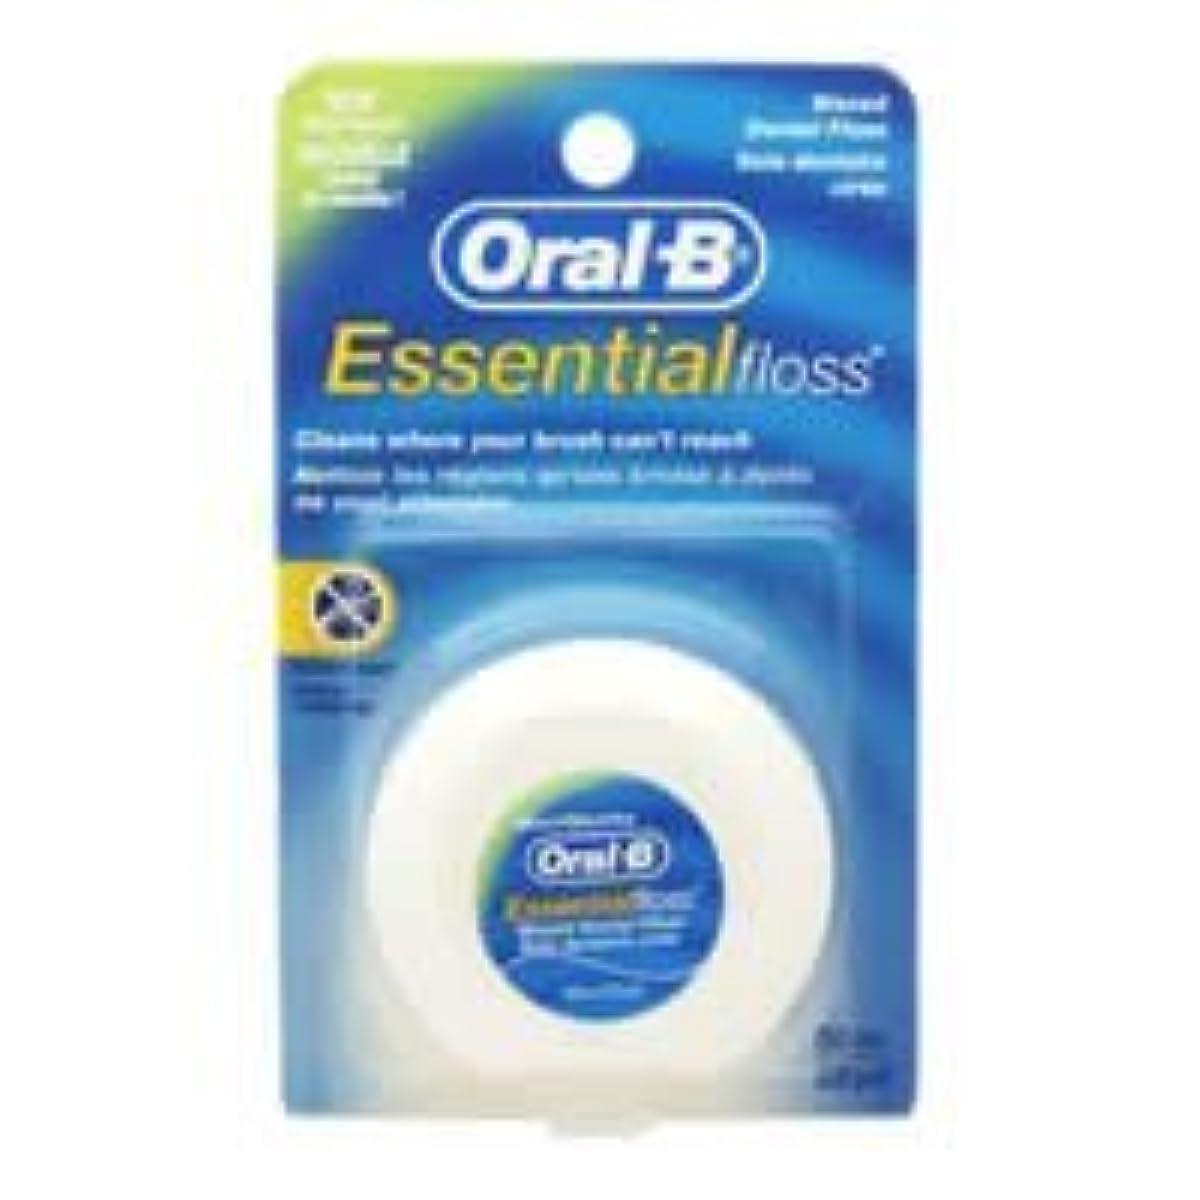 スプリット愛されし者答えOral-B Essential Waxed Dental Floss Mint by Oral-B